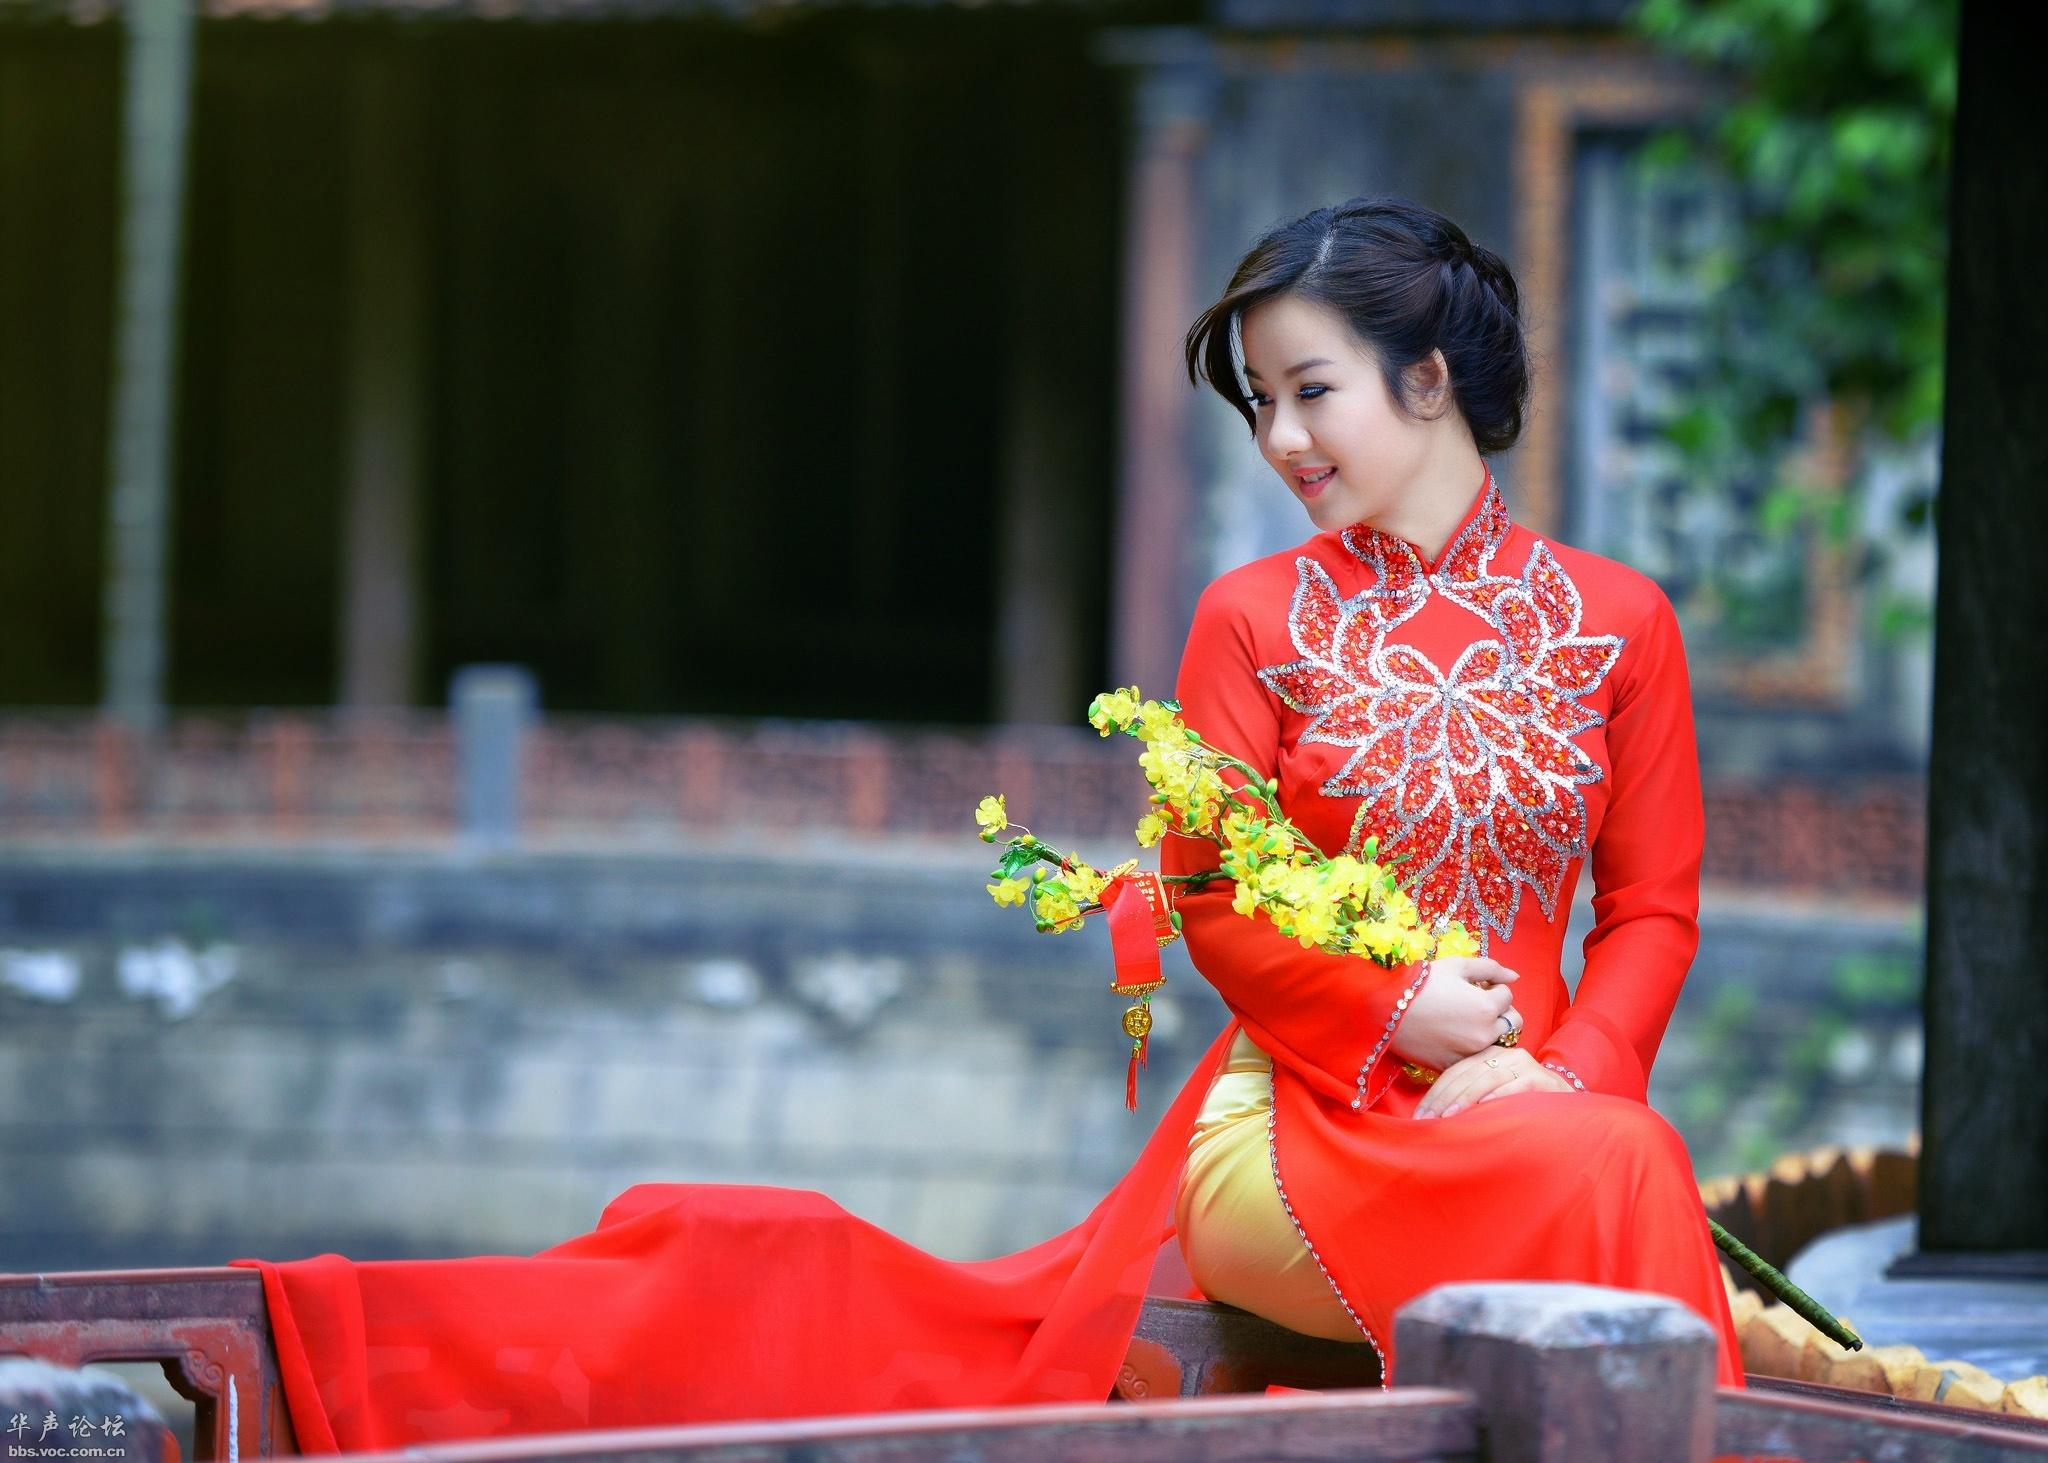 穿旗袍的越南美女 - 花開有聲 - 花開有聲